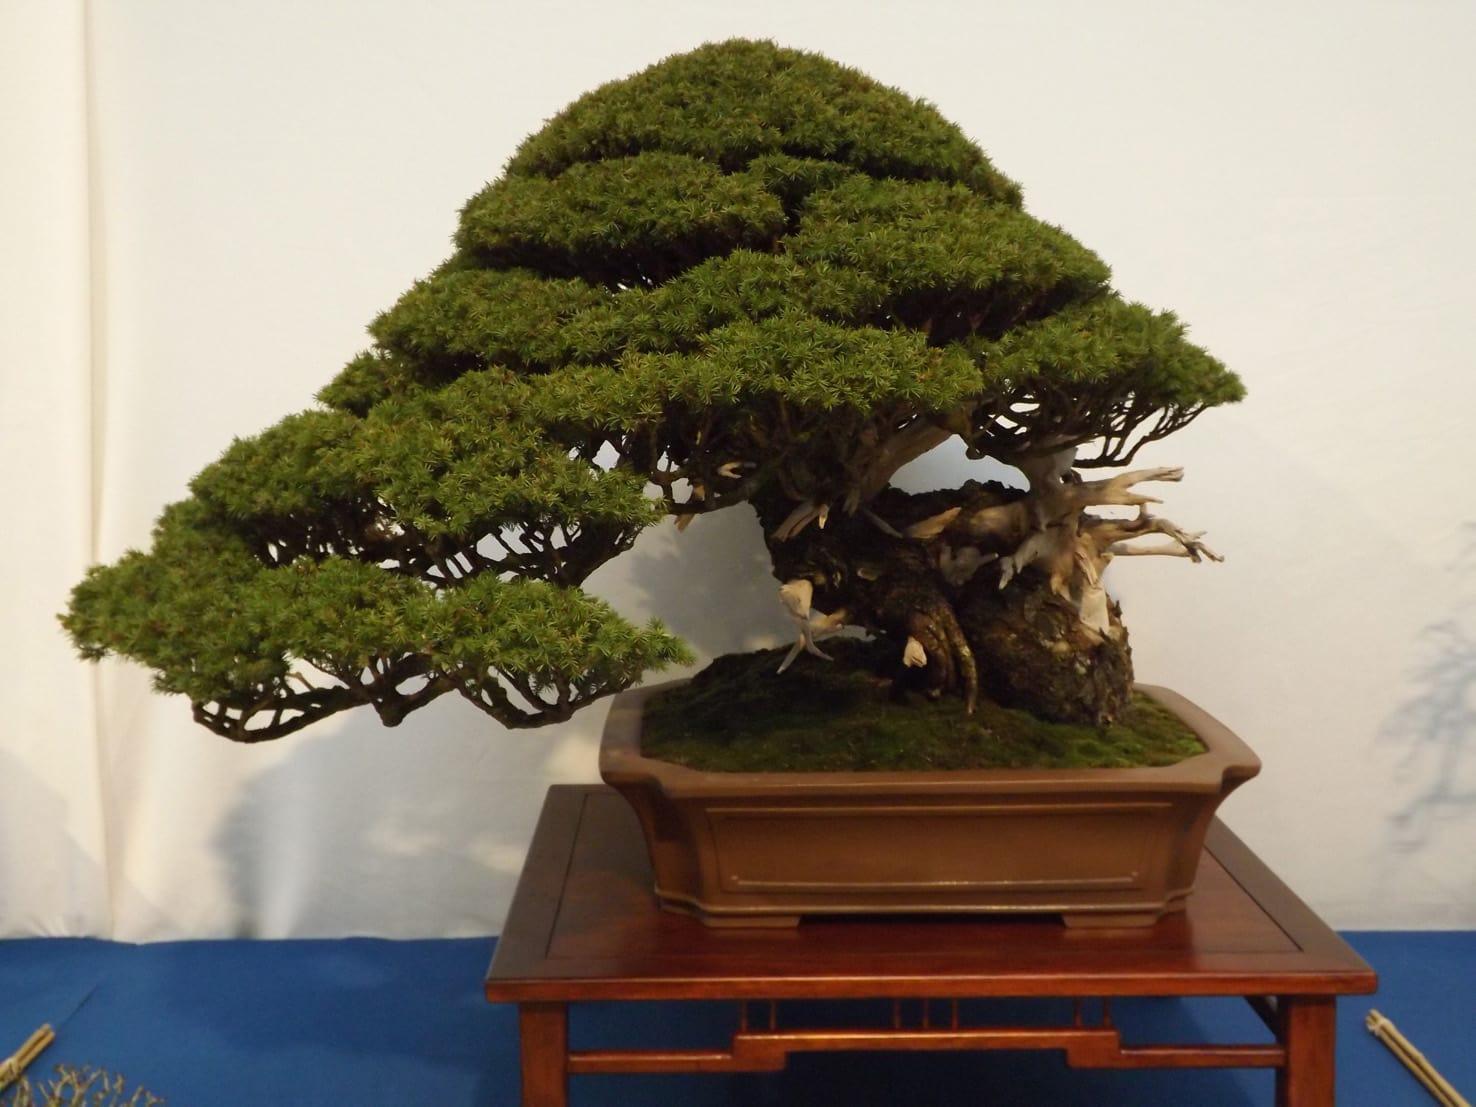 Prix bonsai - Bonsai arbre prix ...